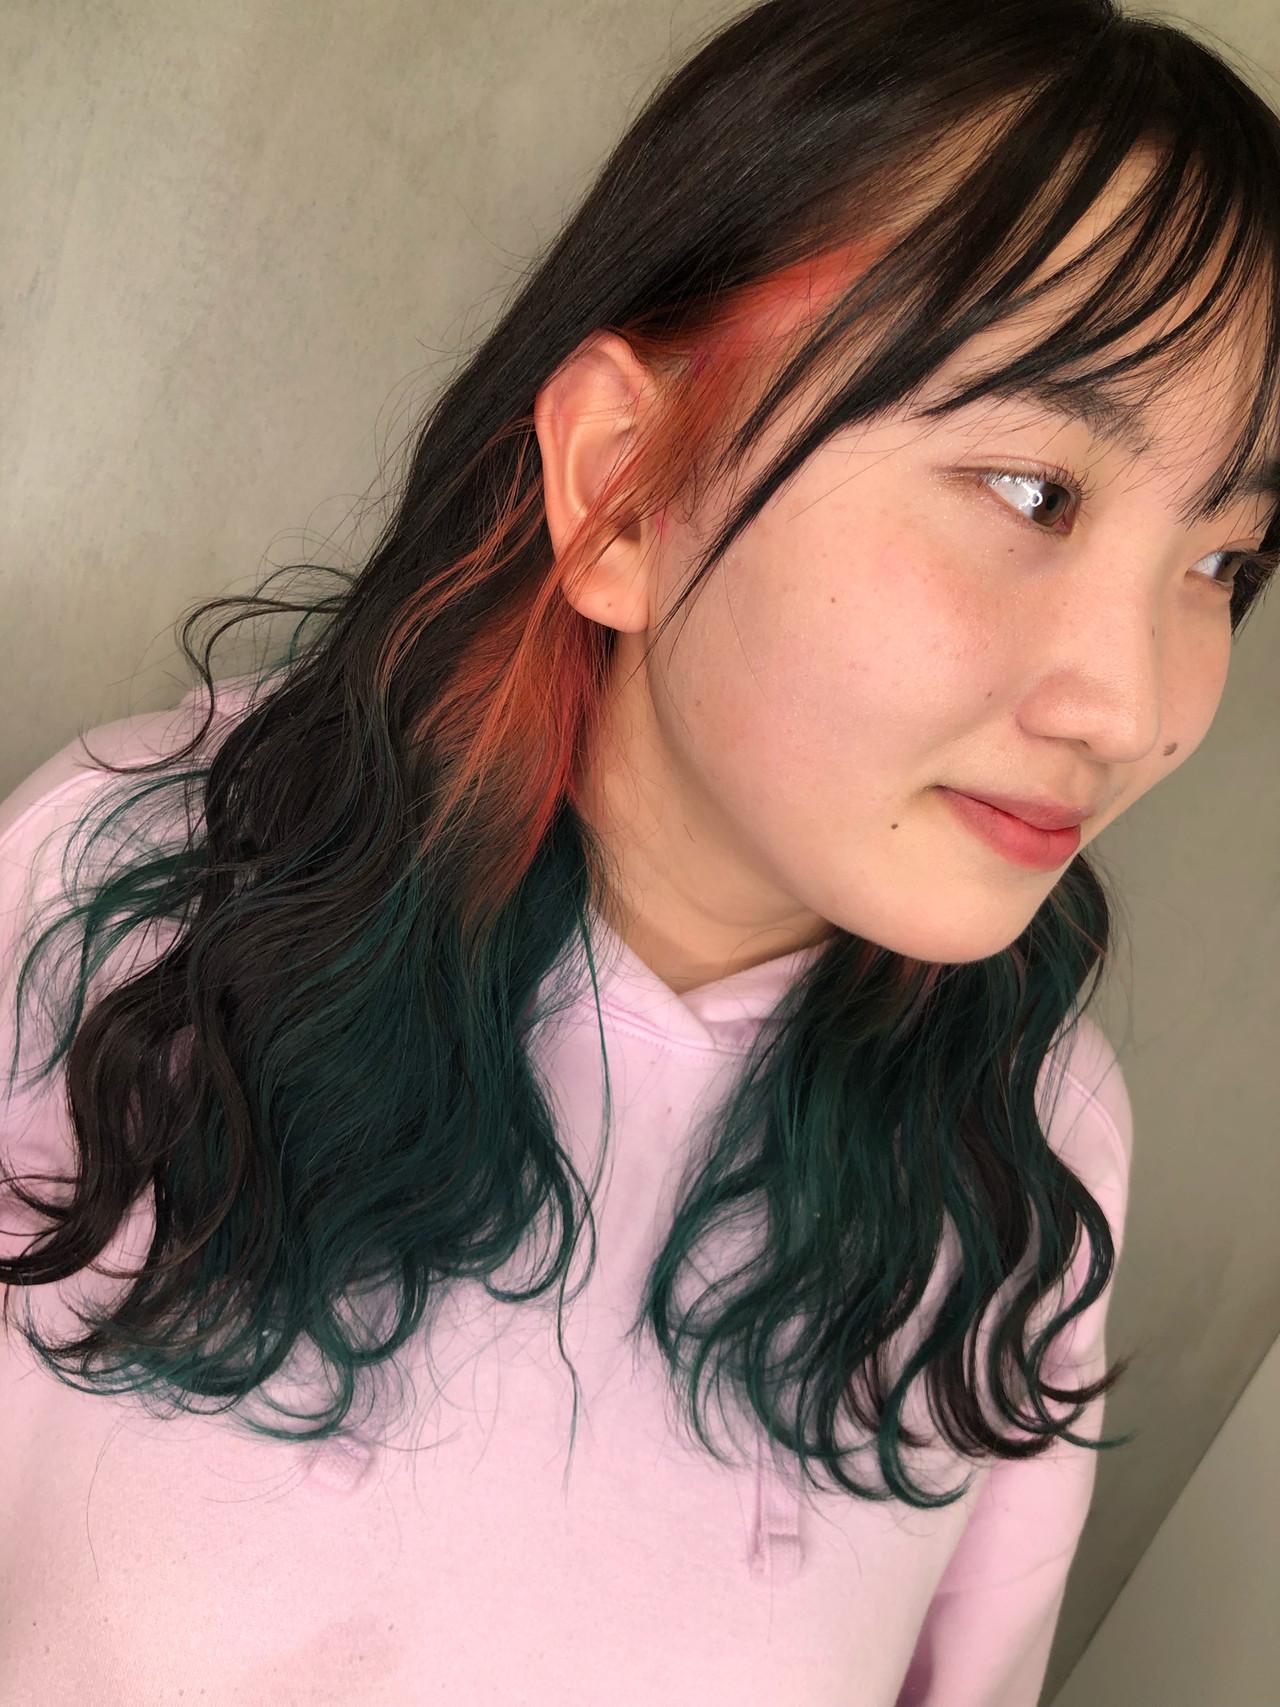 アクセントカラーになれる♡ミディアムヘアの個性派ピンクグラデーション 筒井 隆由Hair salon mode